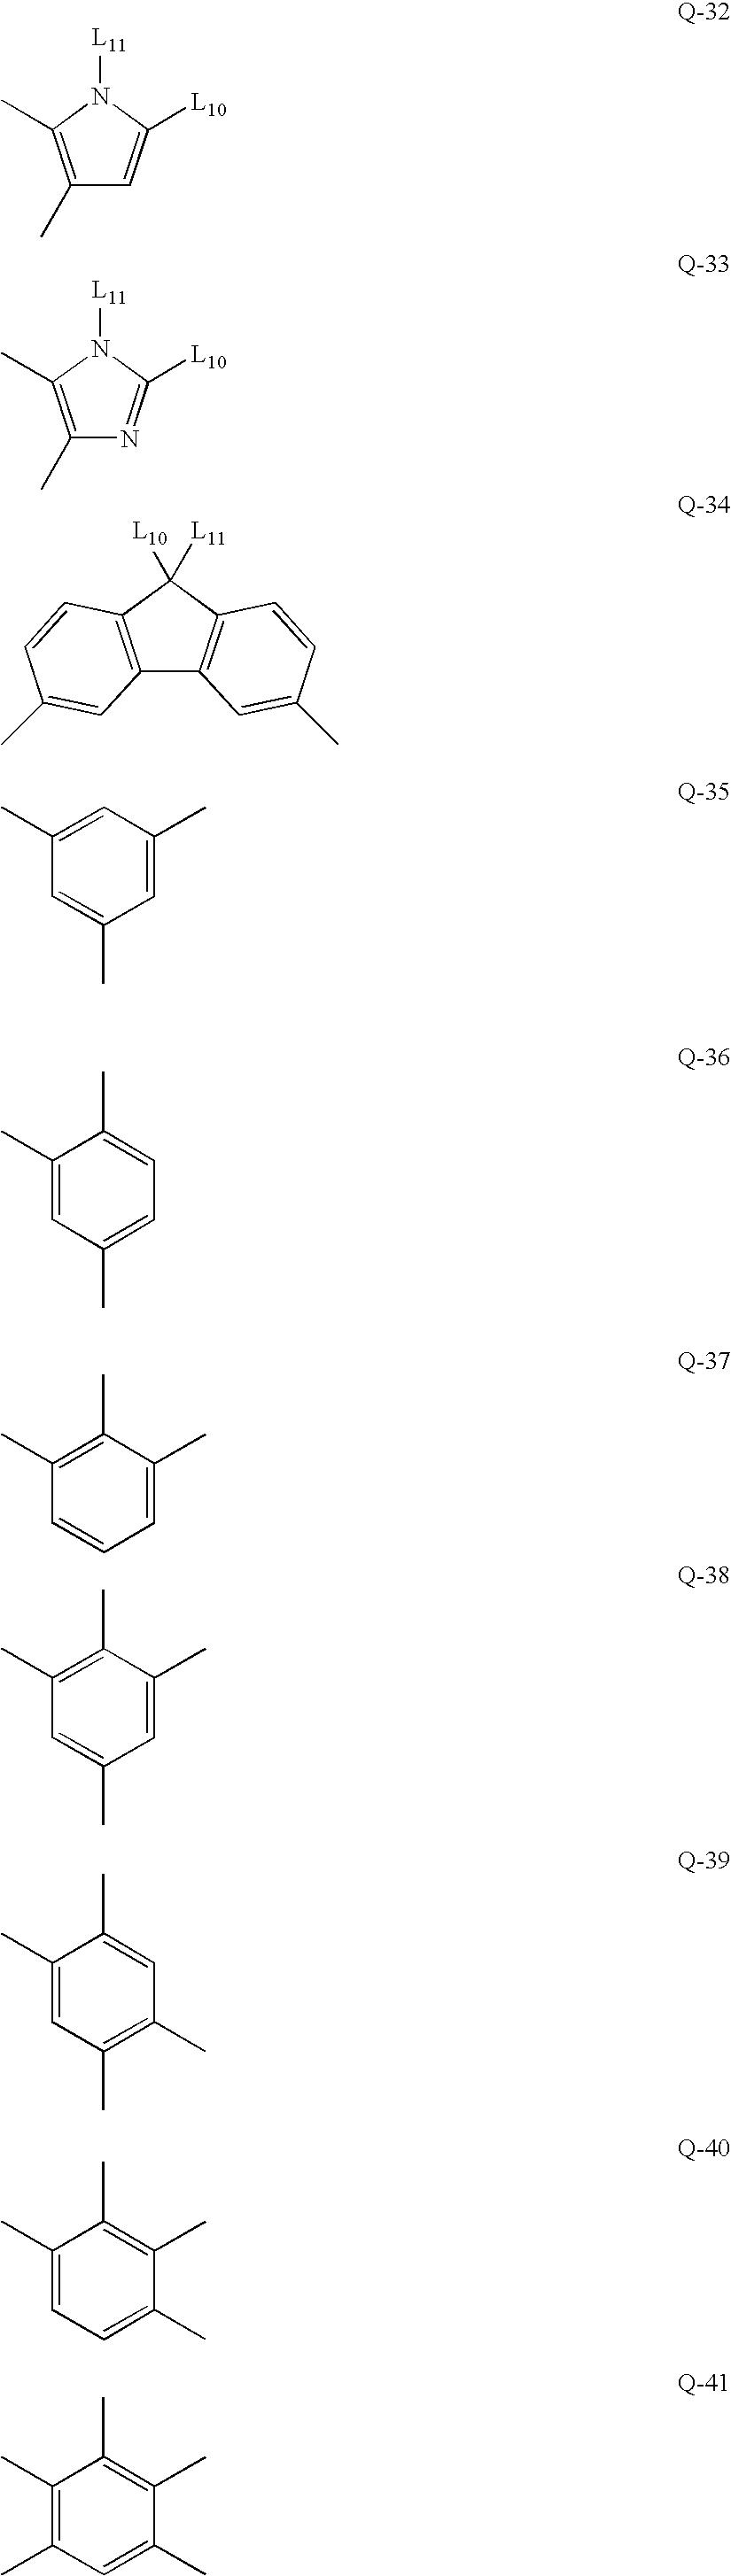 Figure US20060186796A1-20060824-C00016